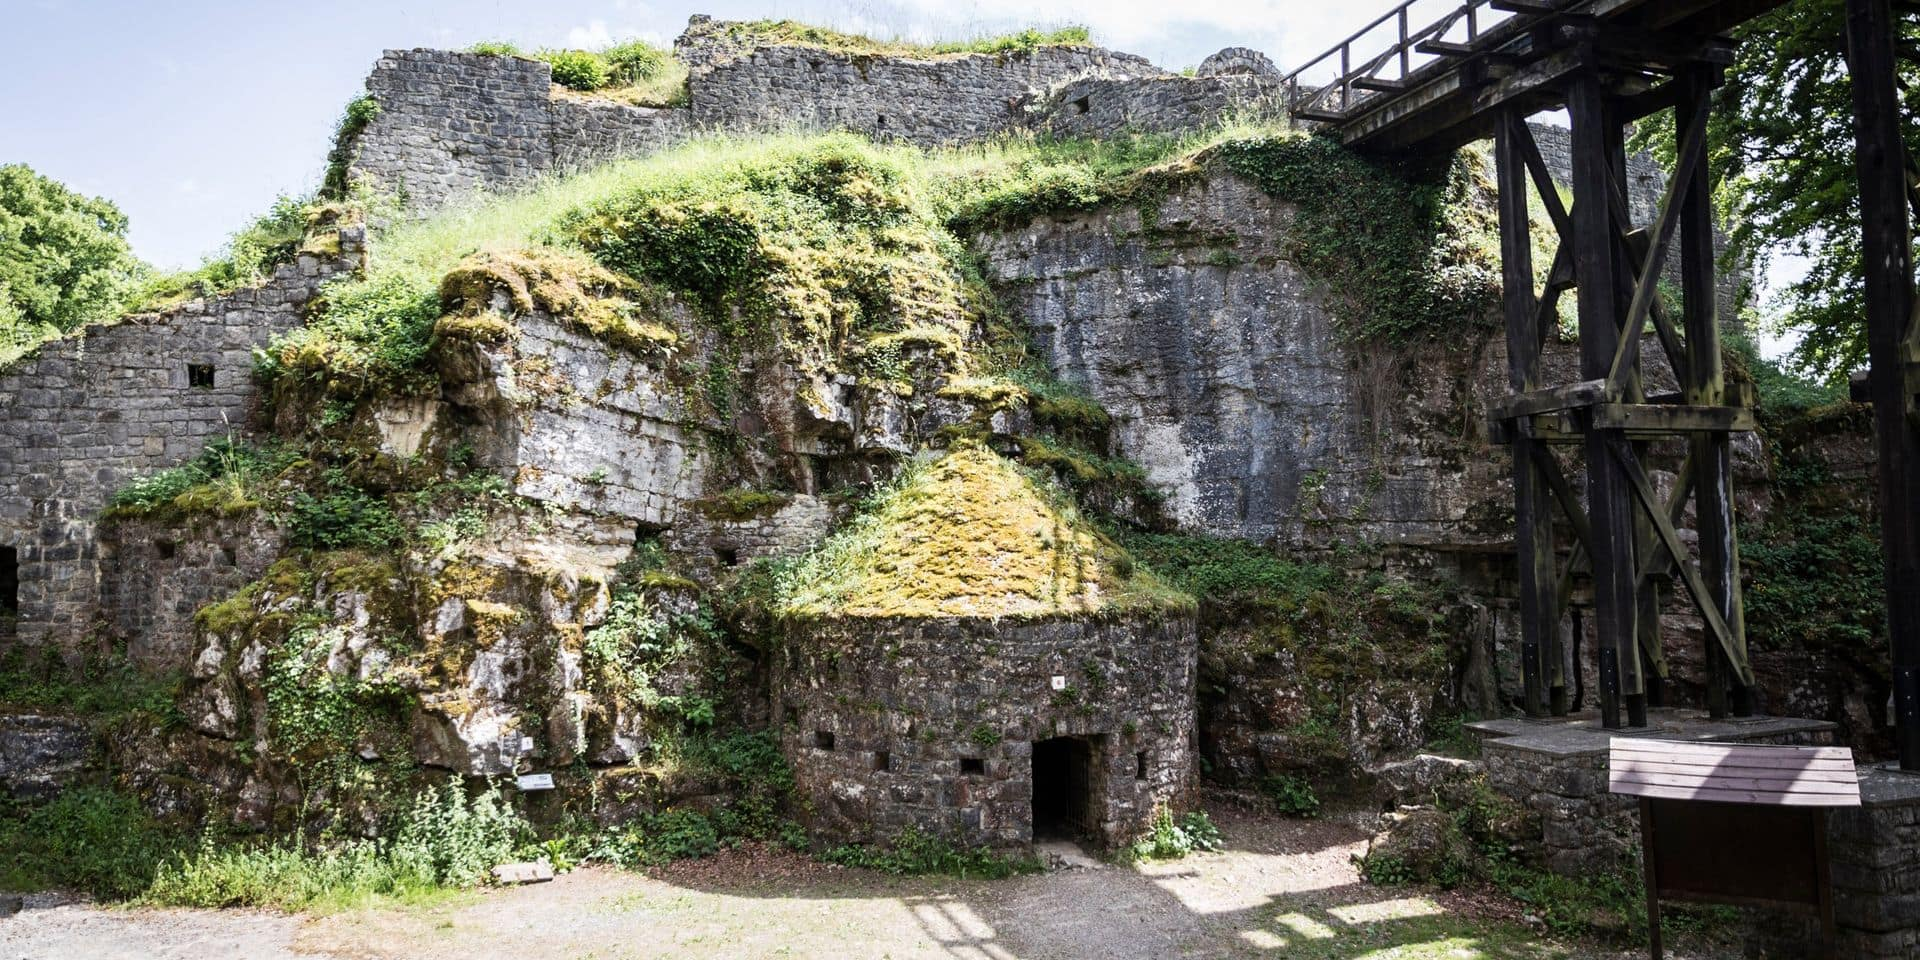 Un été au château de Logne... 500 ans après la mise à sac par les armées de Charles Quint !